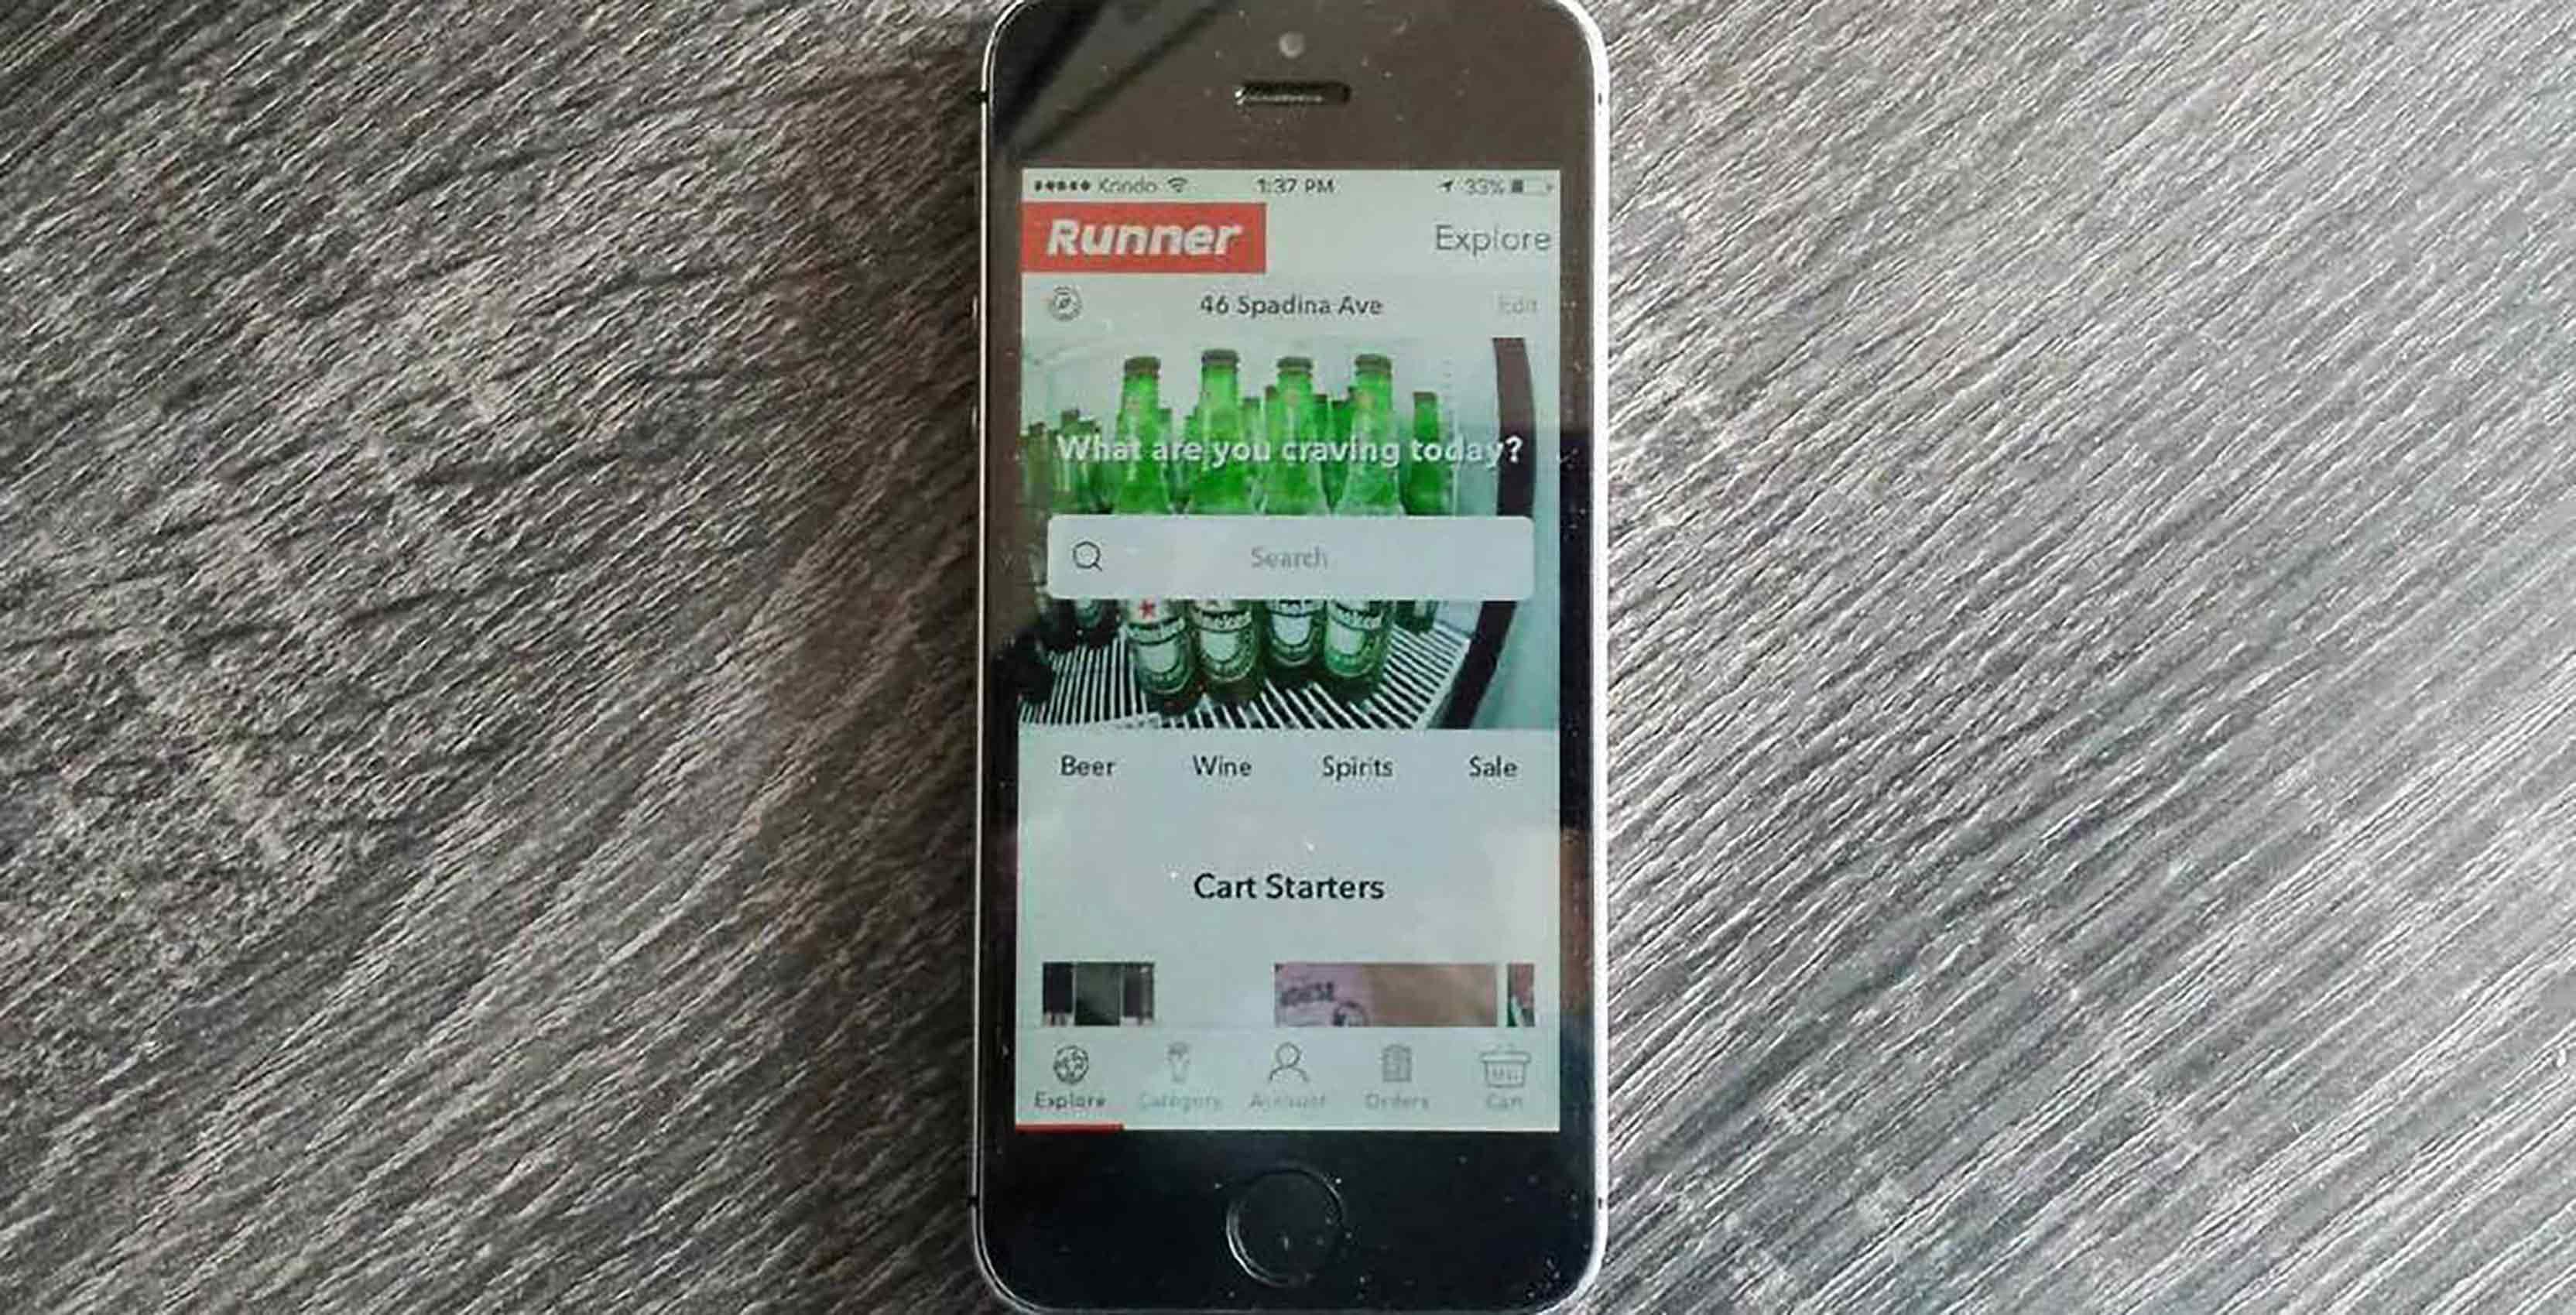 Runner app on iPhone SE